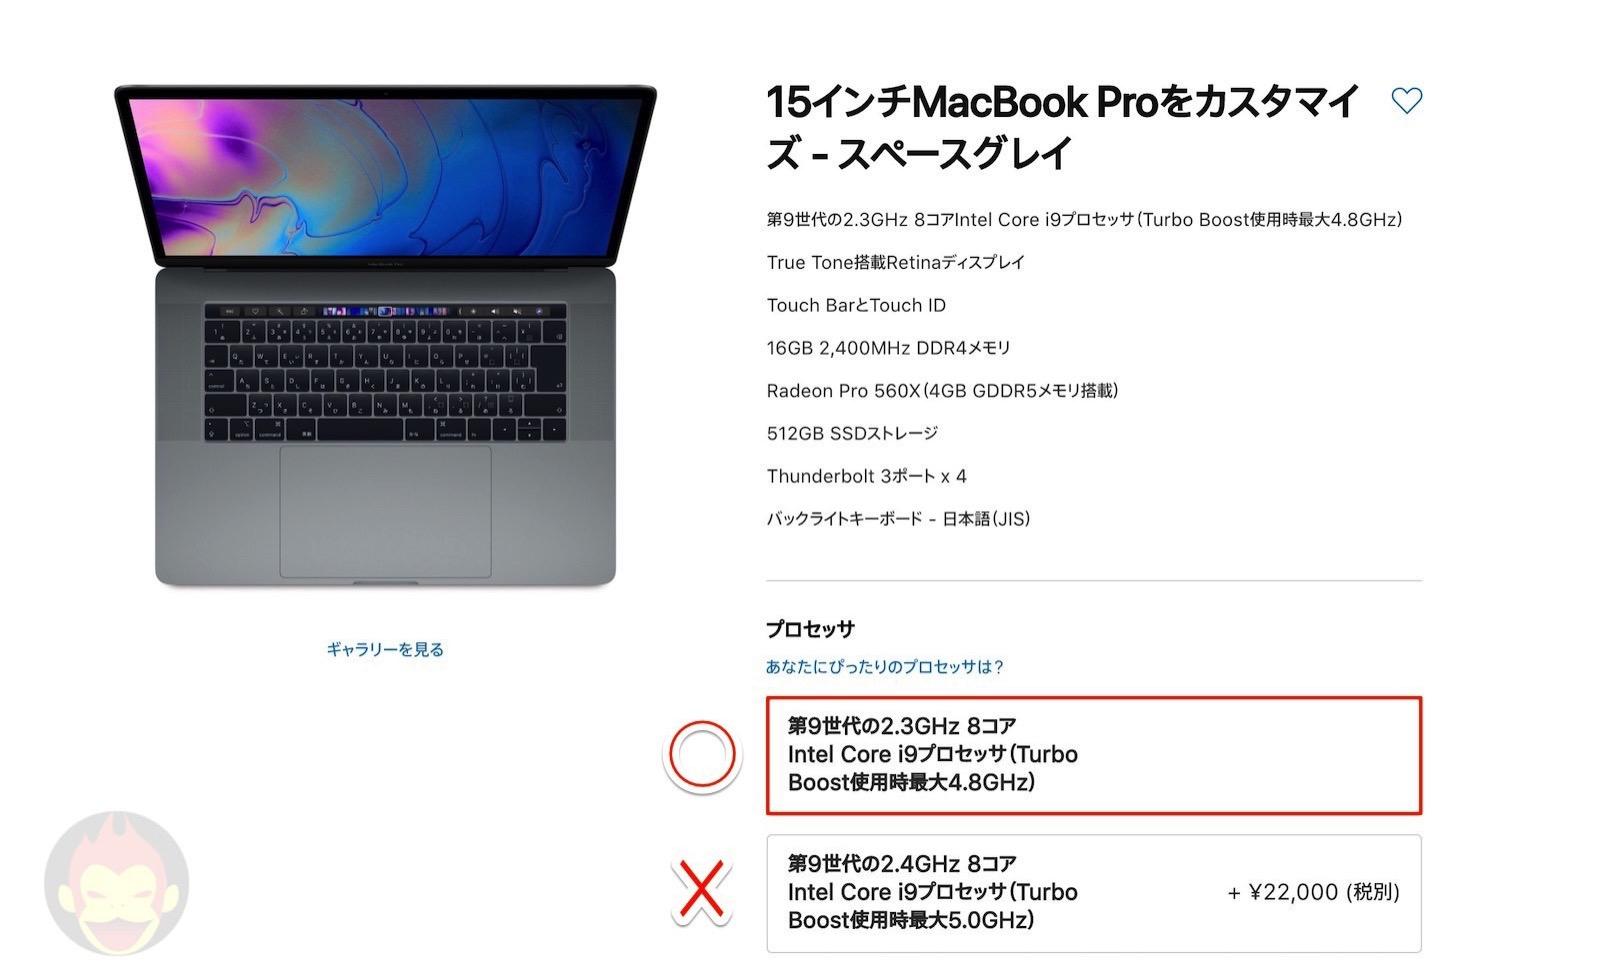 macbook-pro-2019-cpu-comparison-3.jpg